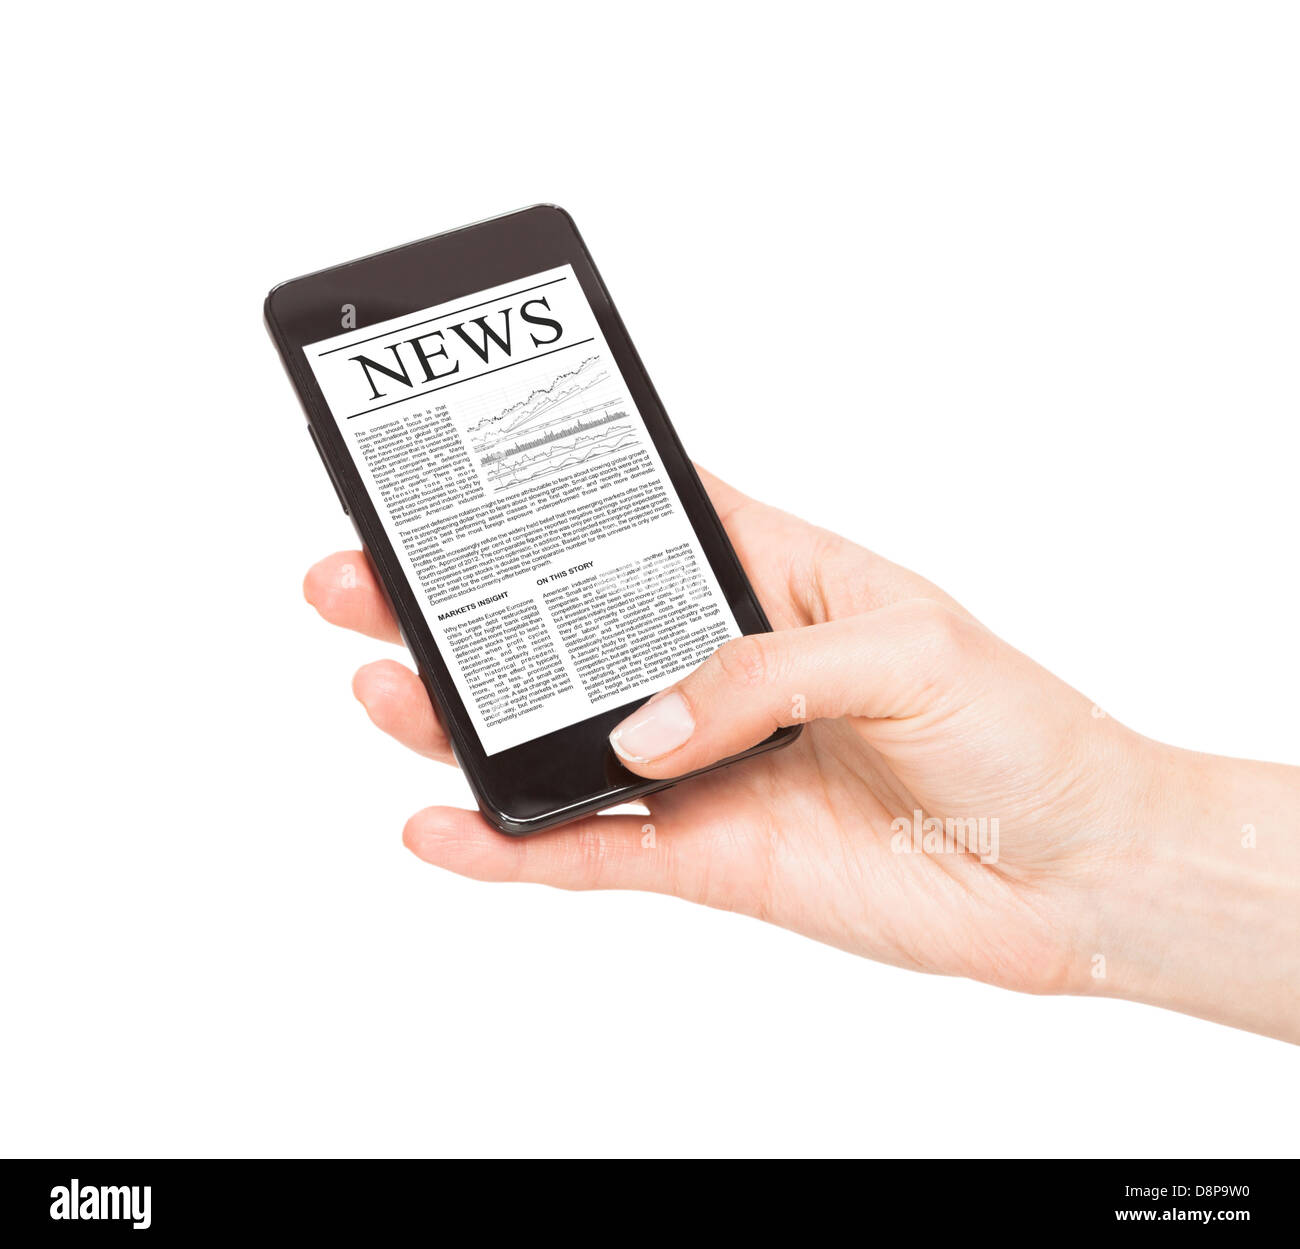 News sul cellulare smart phone. Isolato su bianco. Immagini Stock